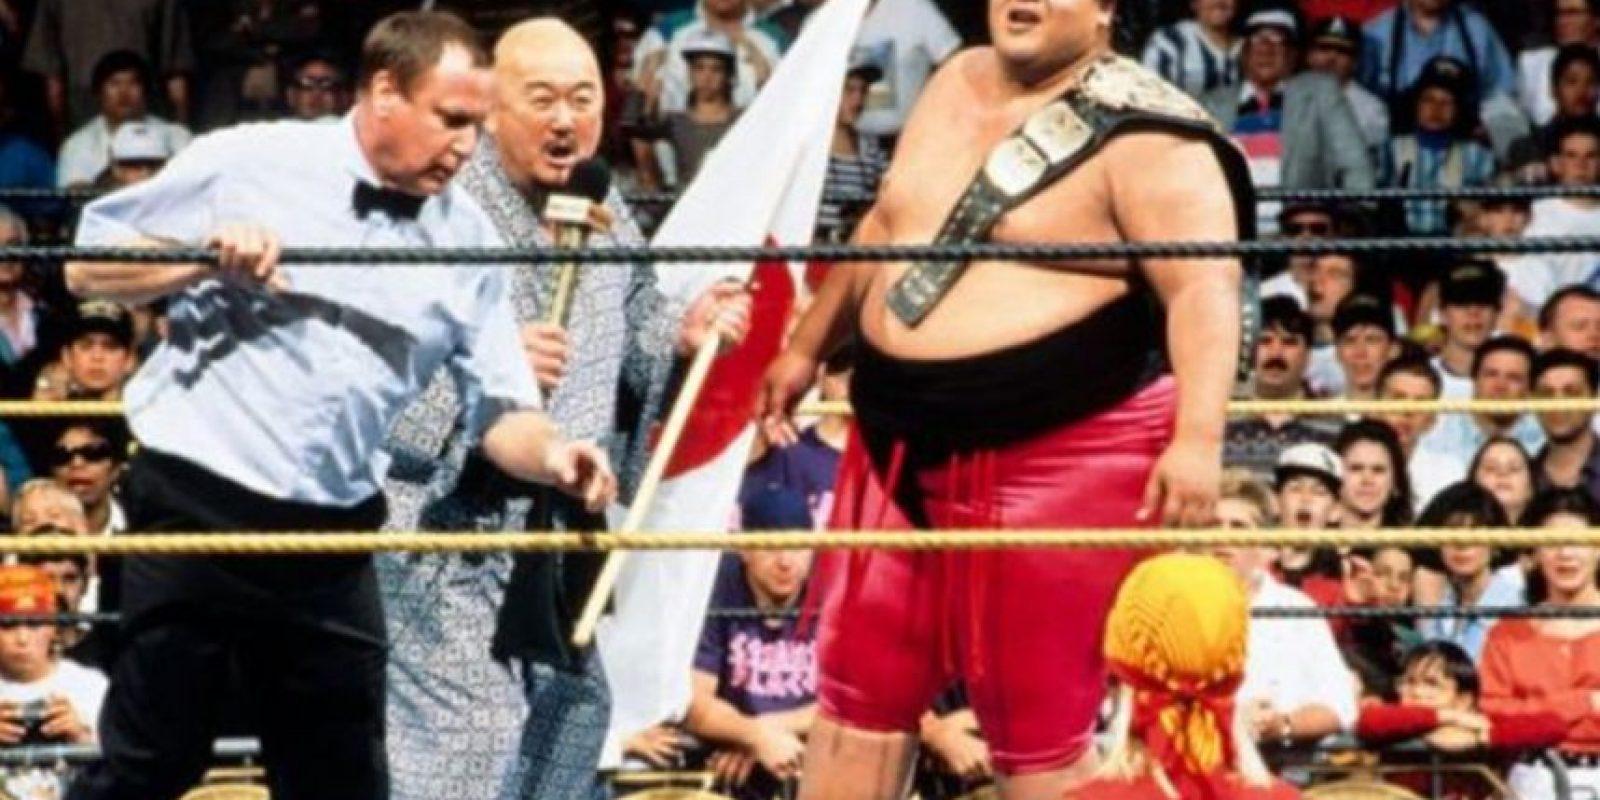 3. Yokozuna. Ganó y perdió el título en Wrestlemania IX en 1993 Foto:WWE